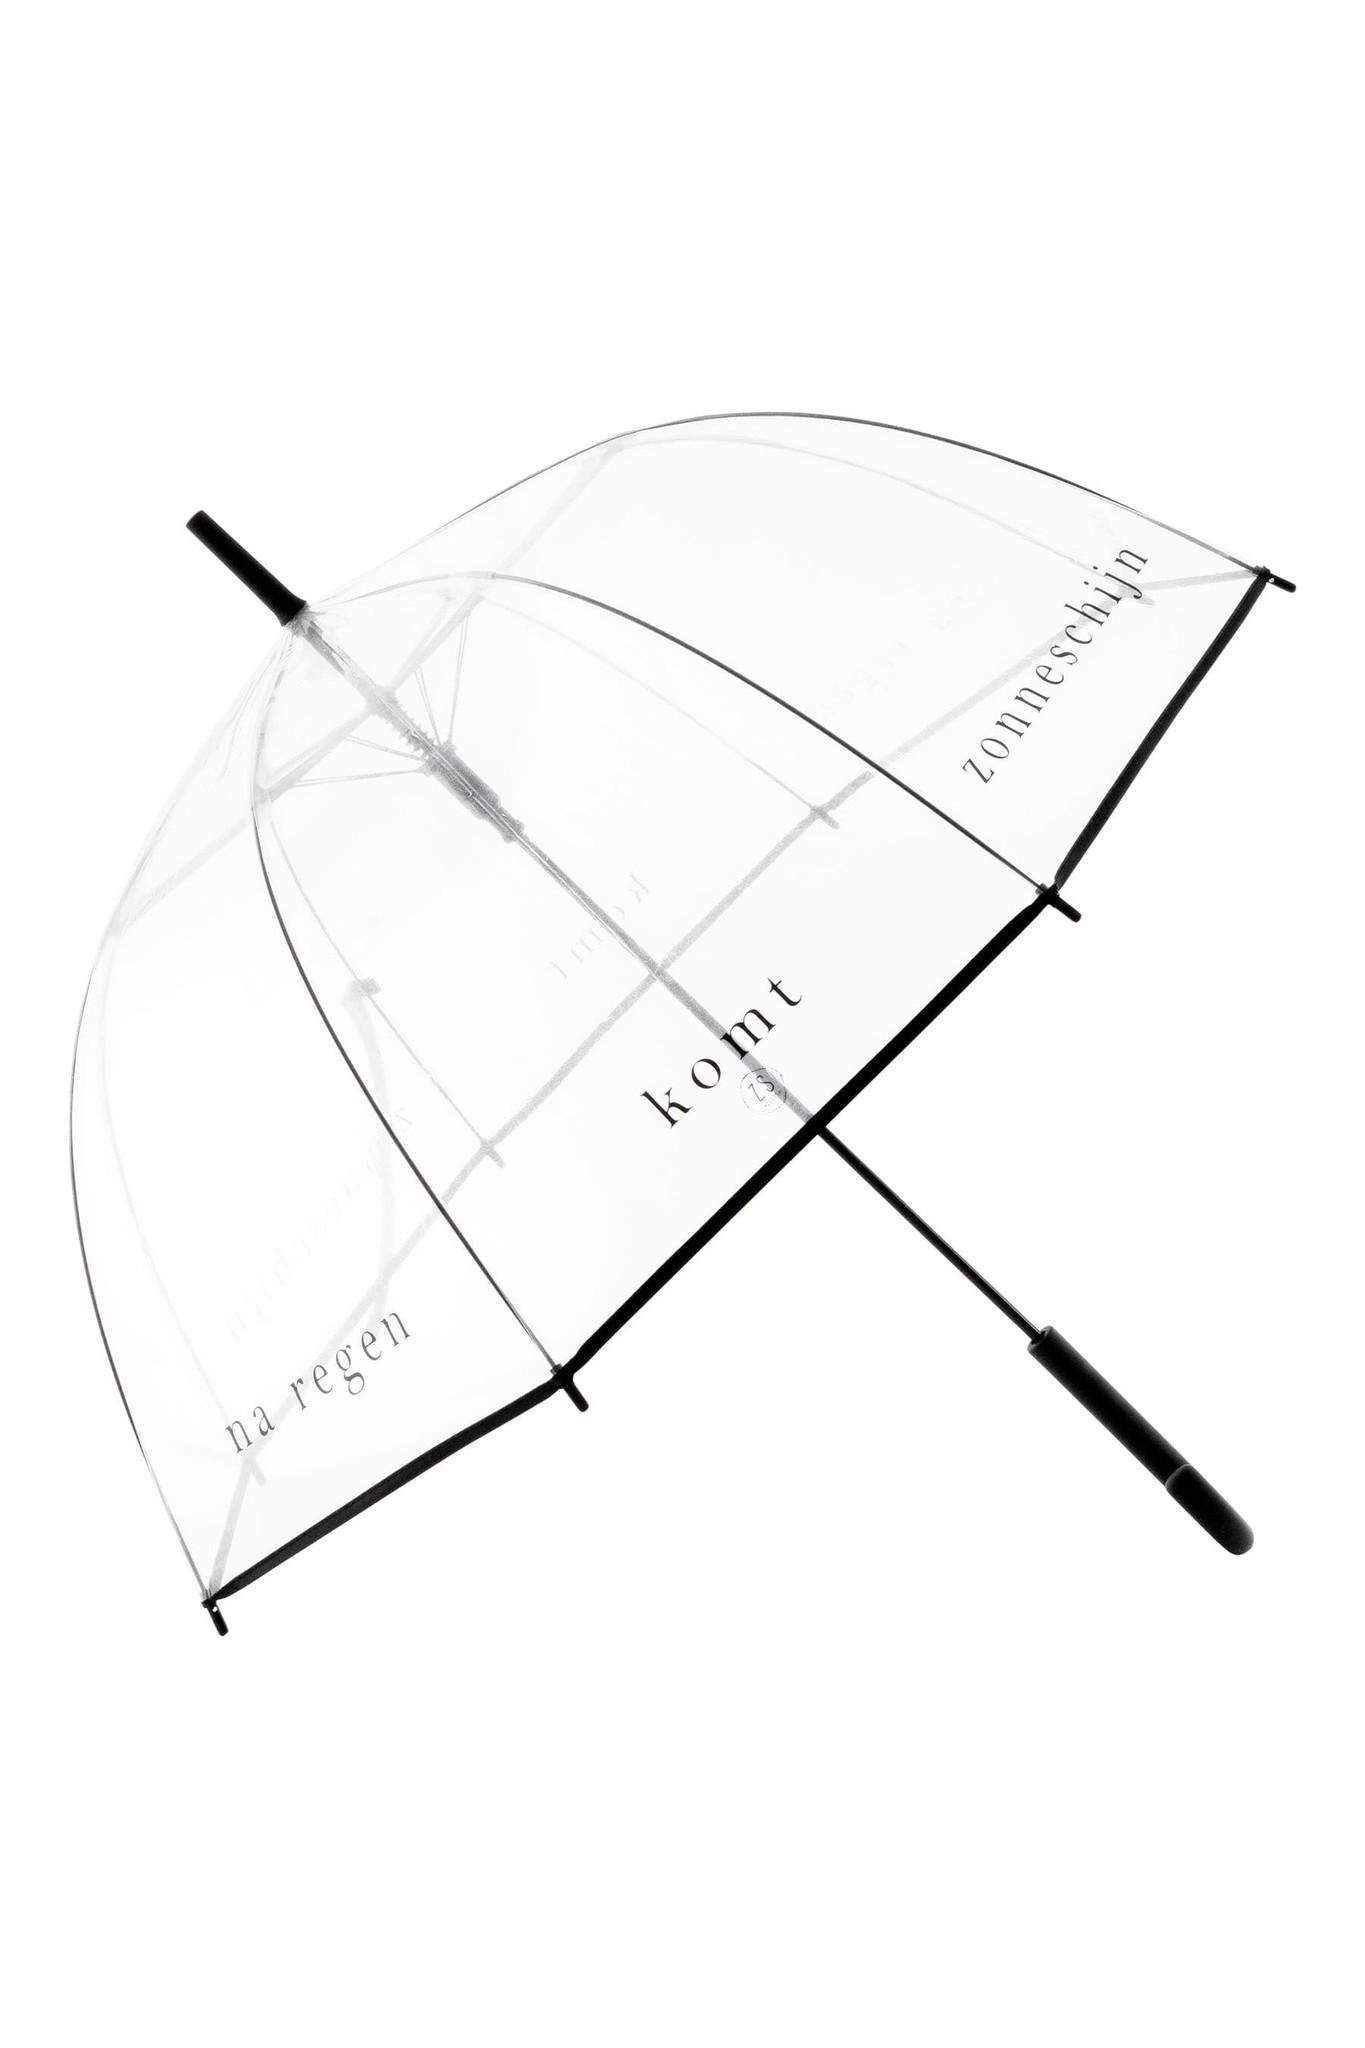 Zusss Paraplu - na regen komt zonneschijn